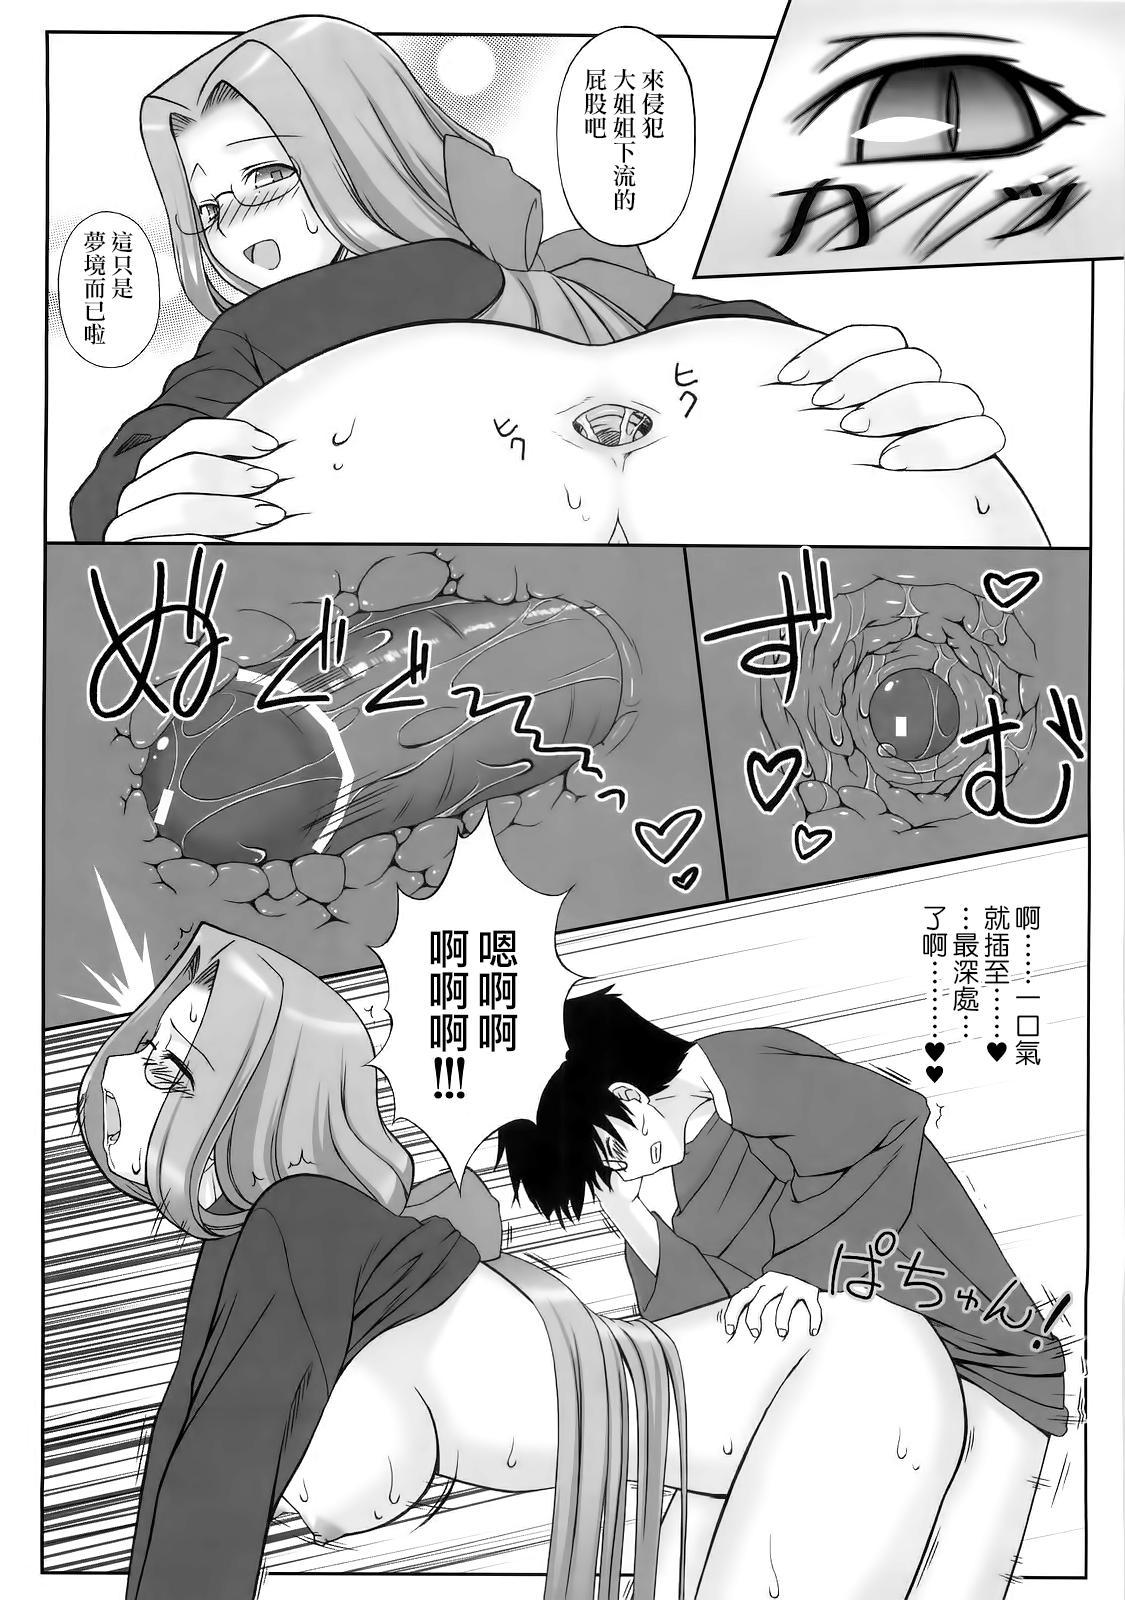 Yappari Rider wa Eroina. 4 Suimein Ryoujoku 9